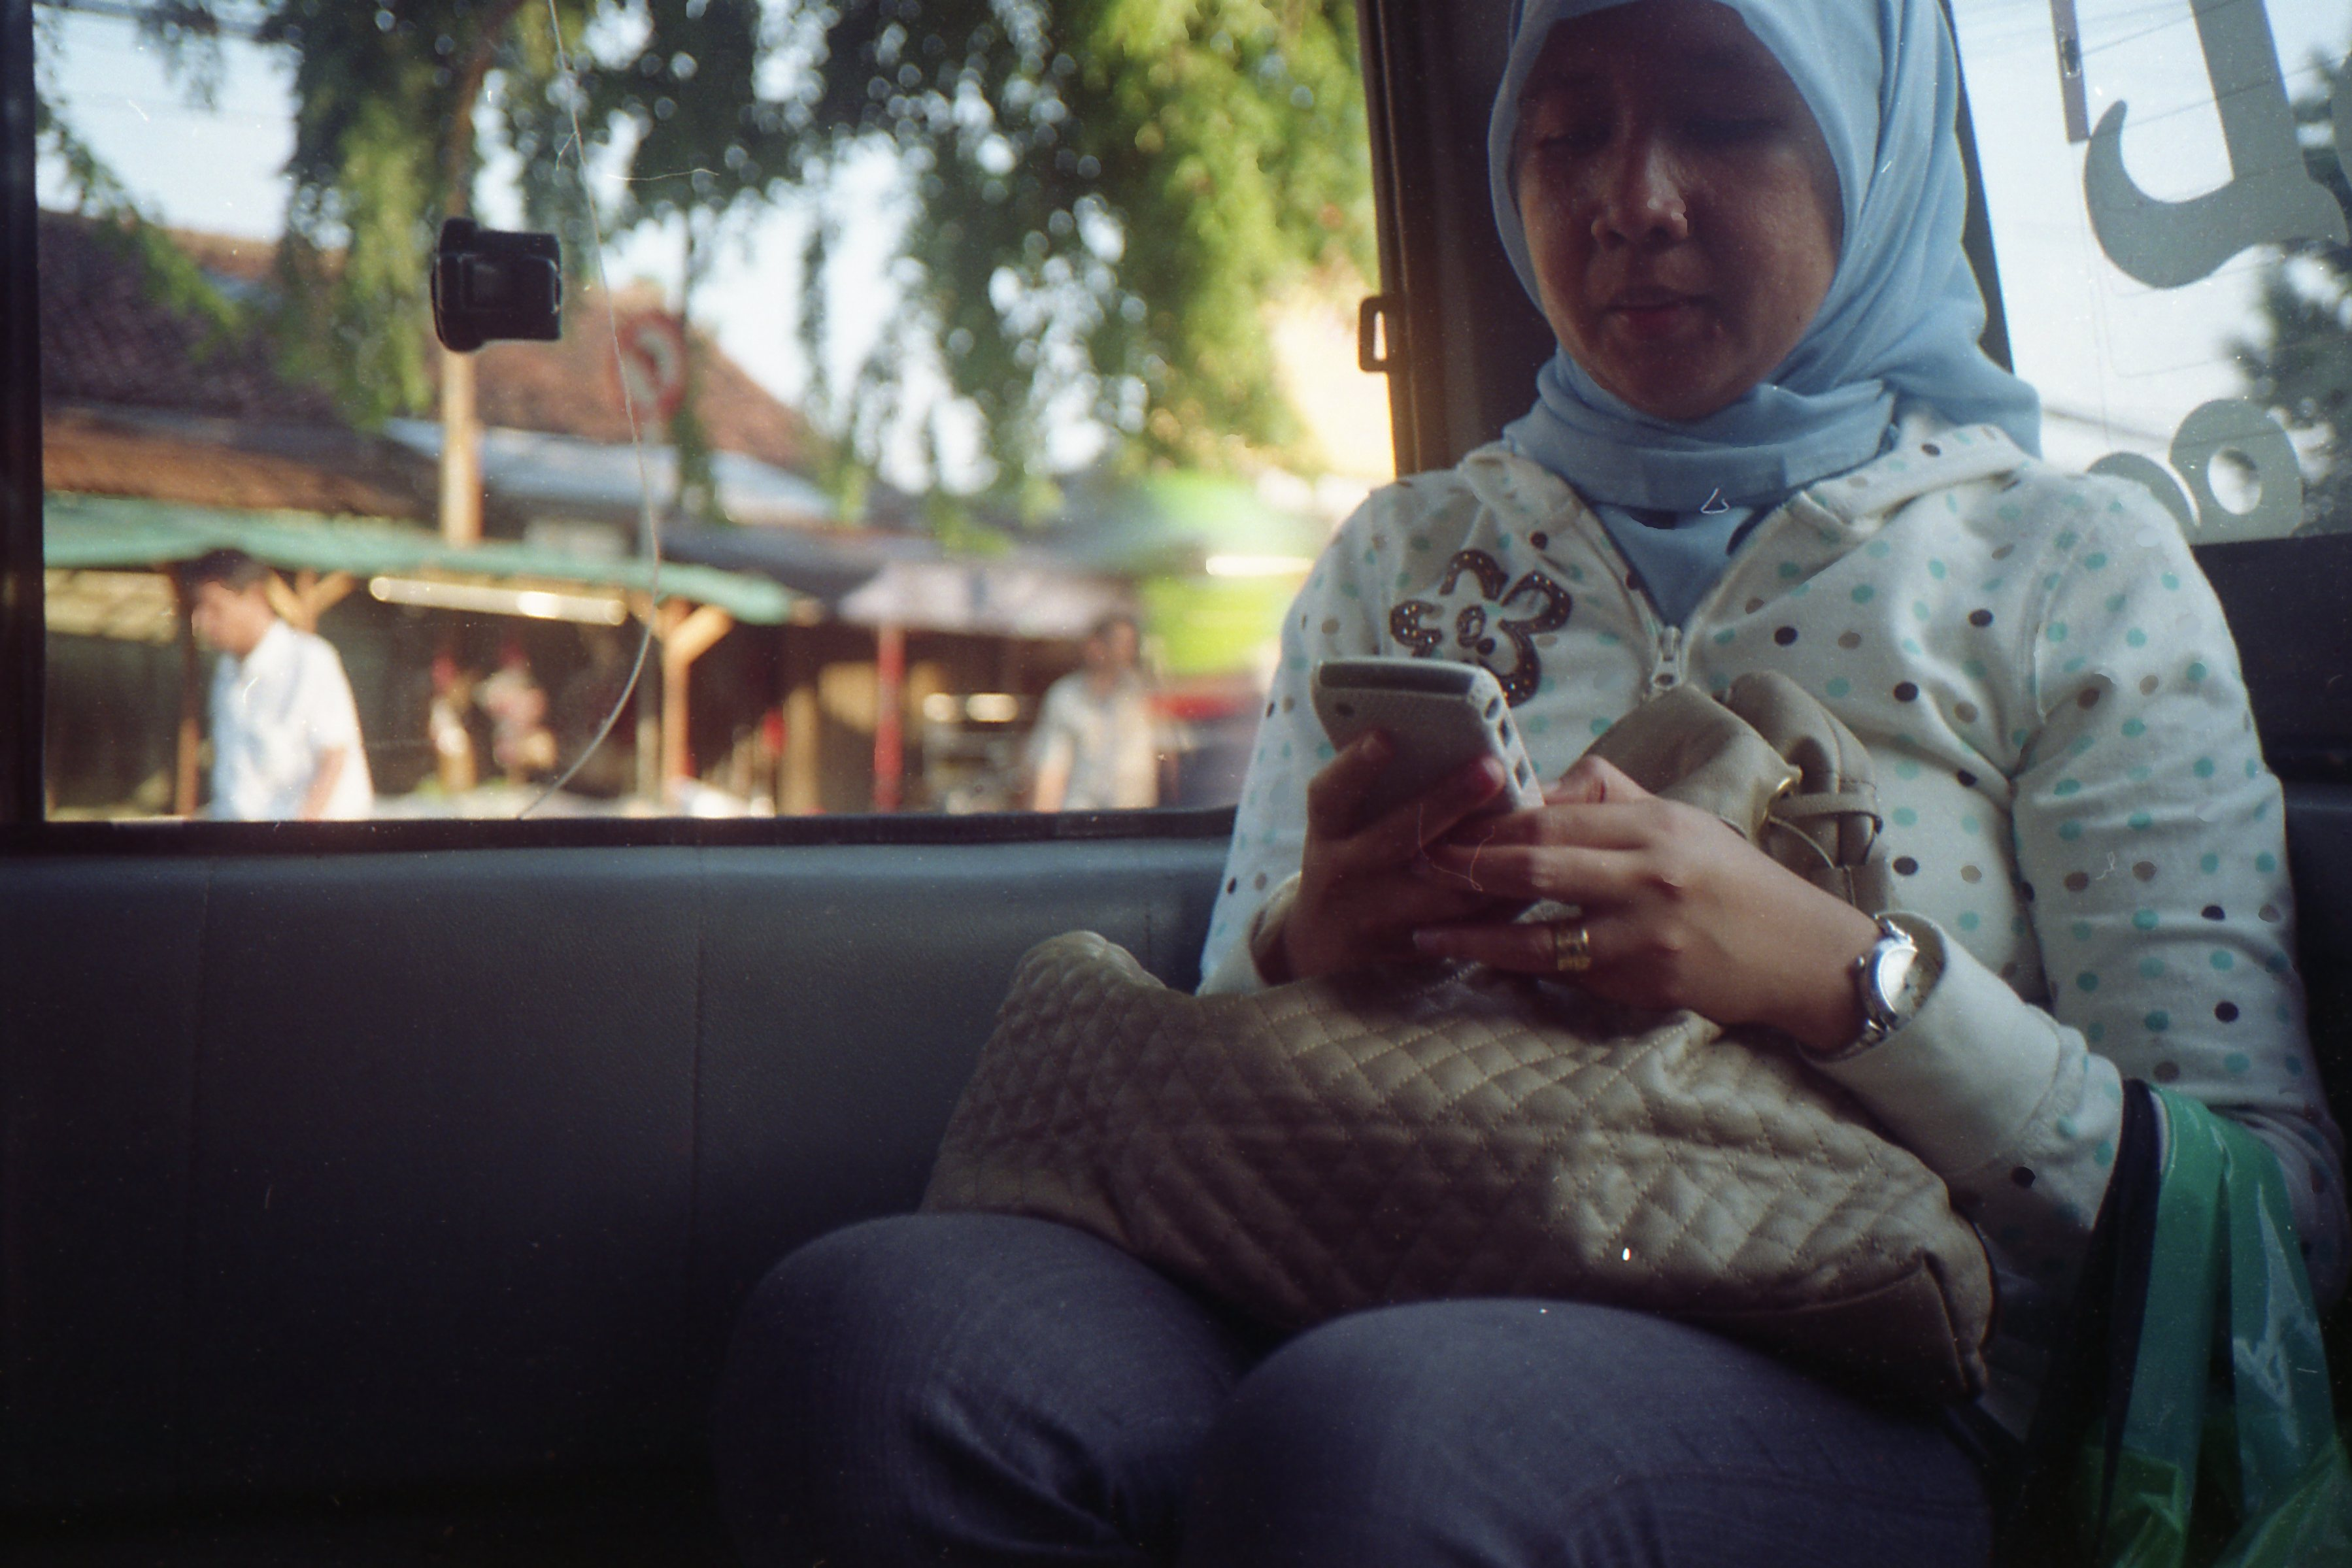 Eine Frau sitzt im Bus und nutzt ihr Handy